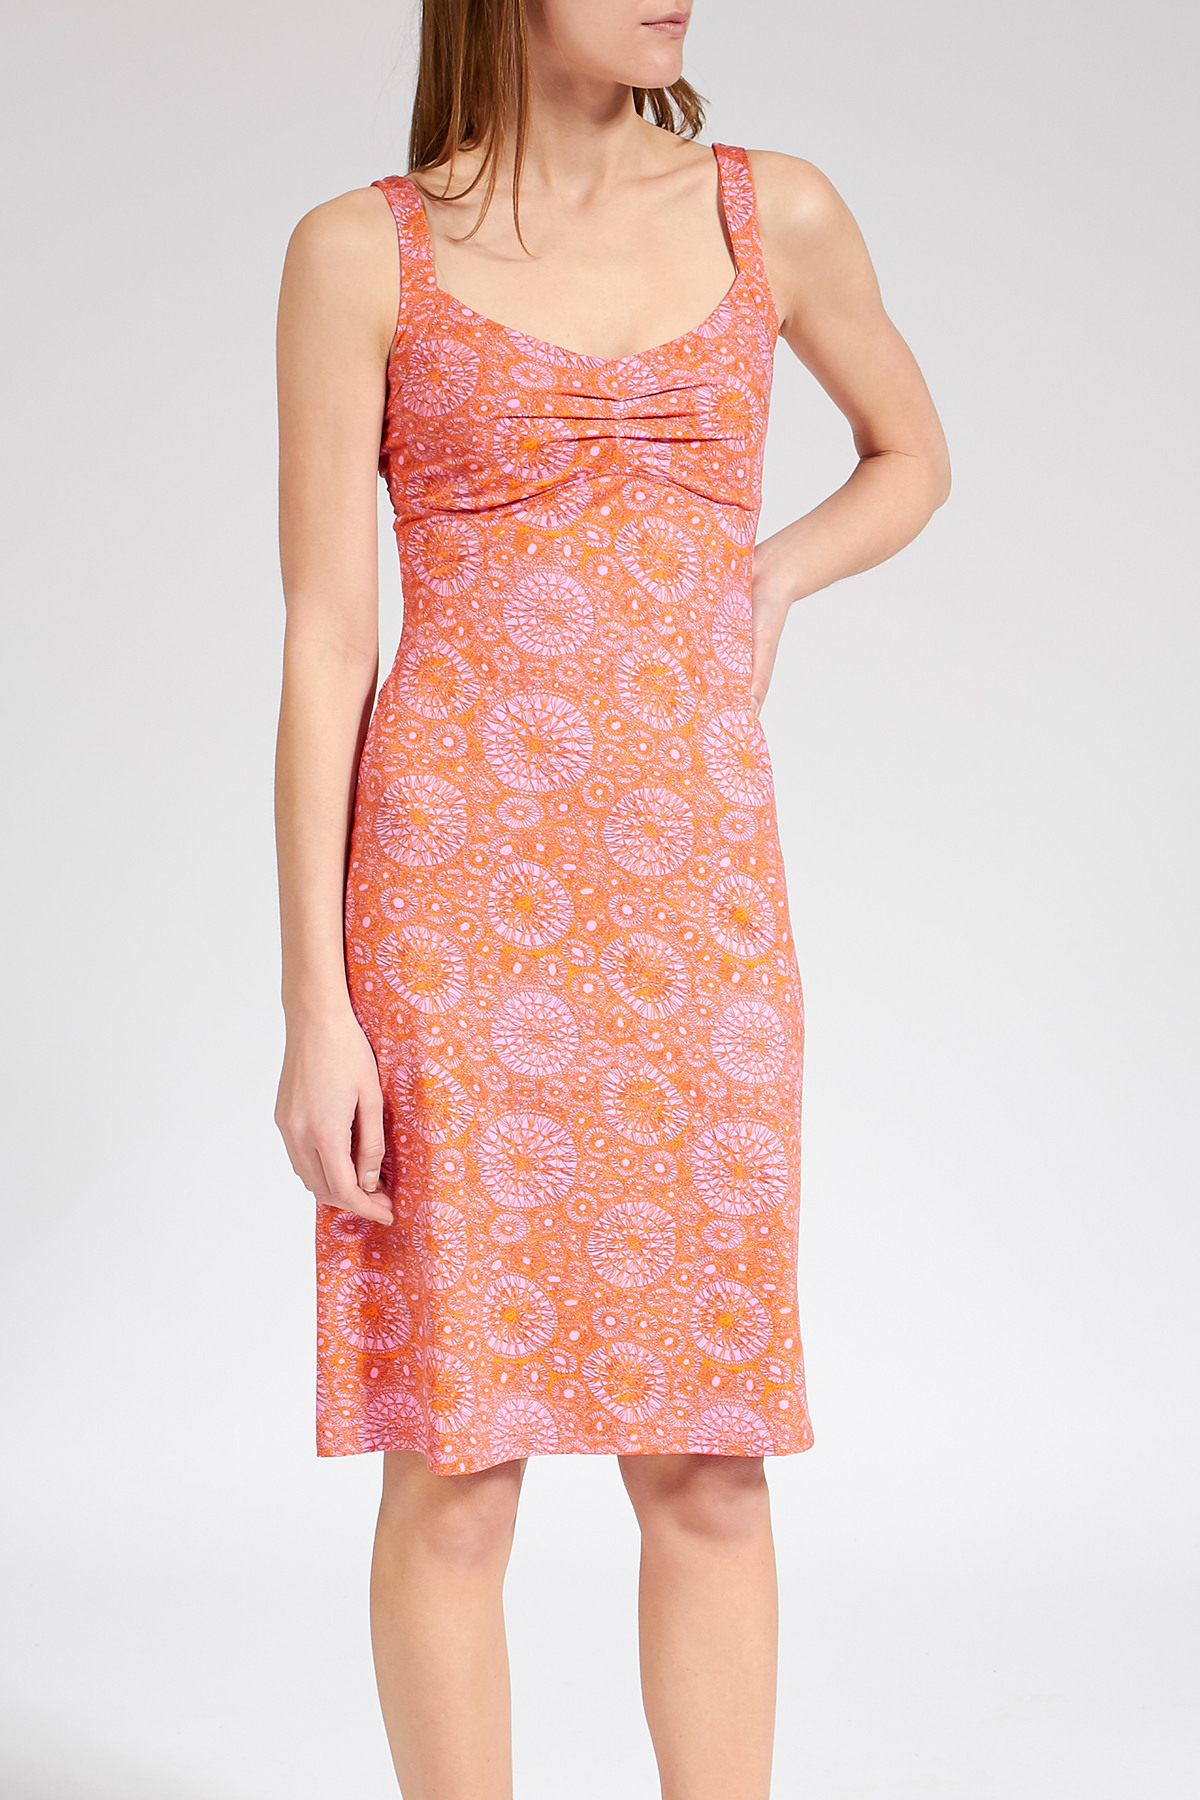 Knielanges Kleid Lavida Mit Ethnoprint  Wetines